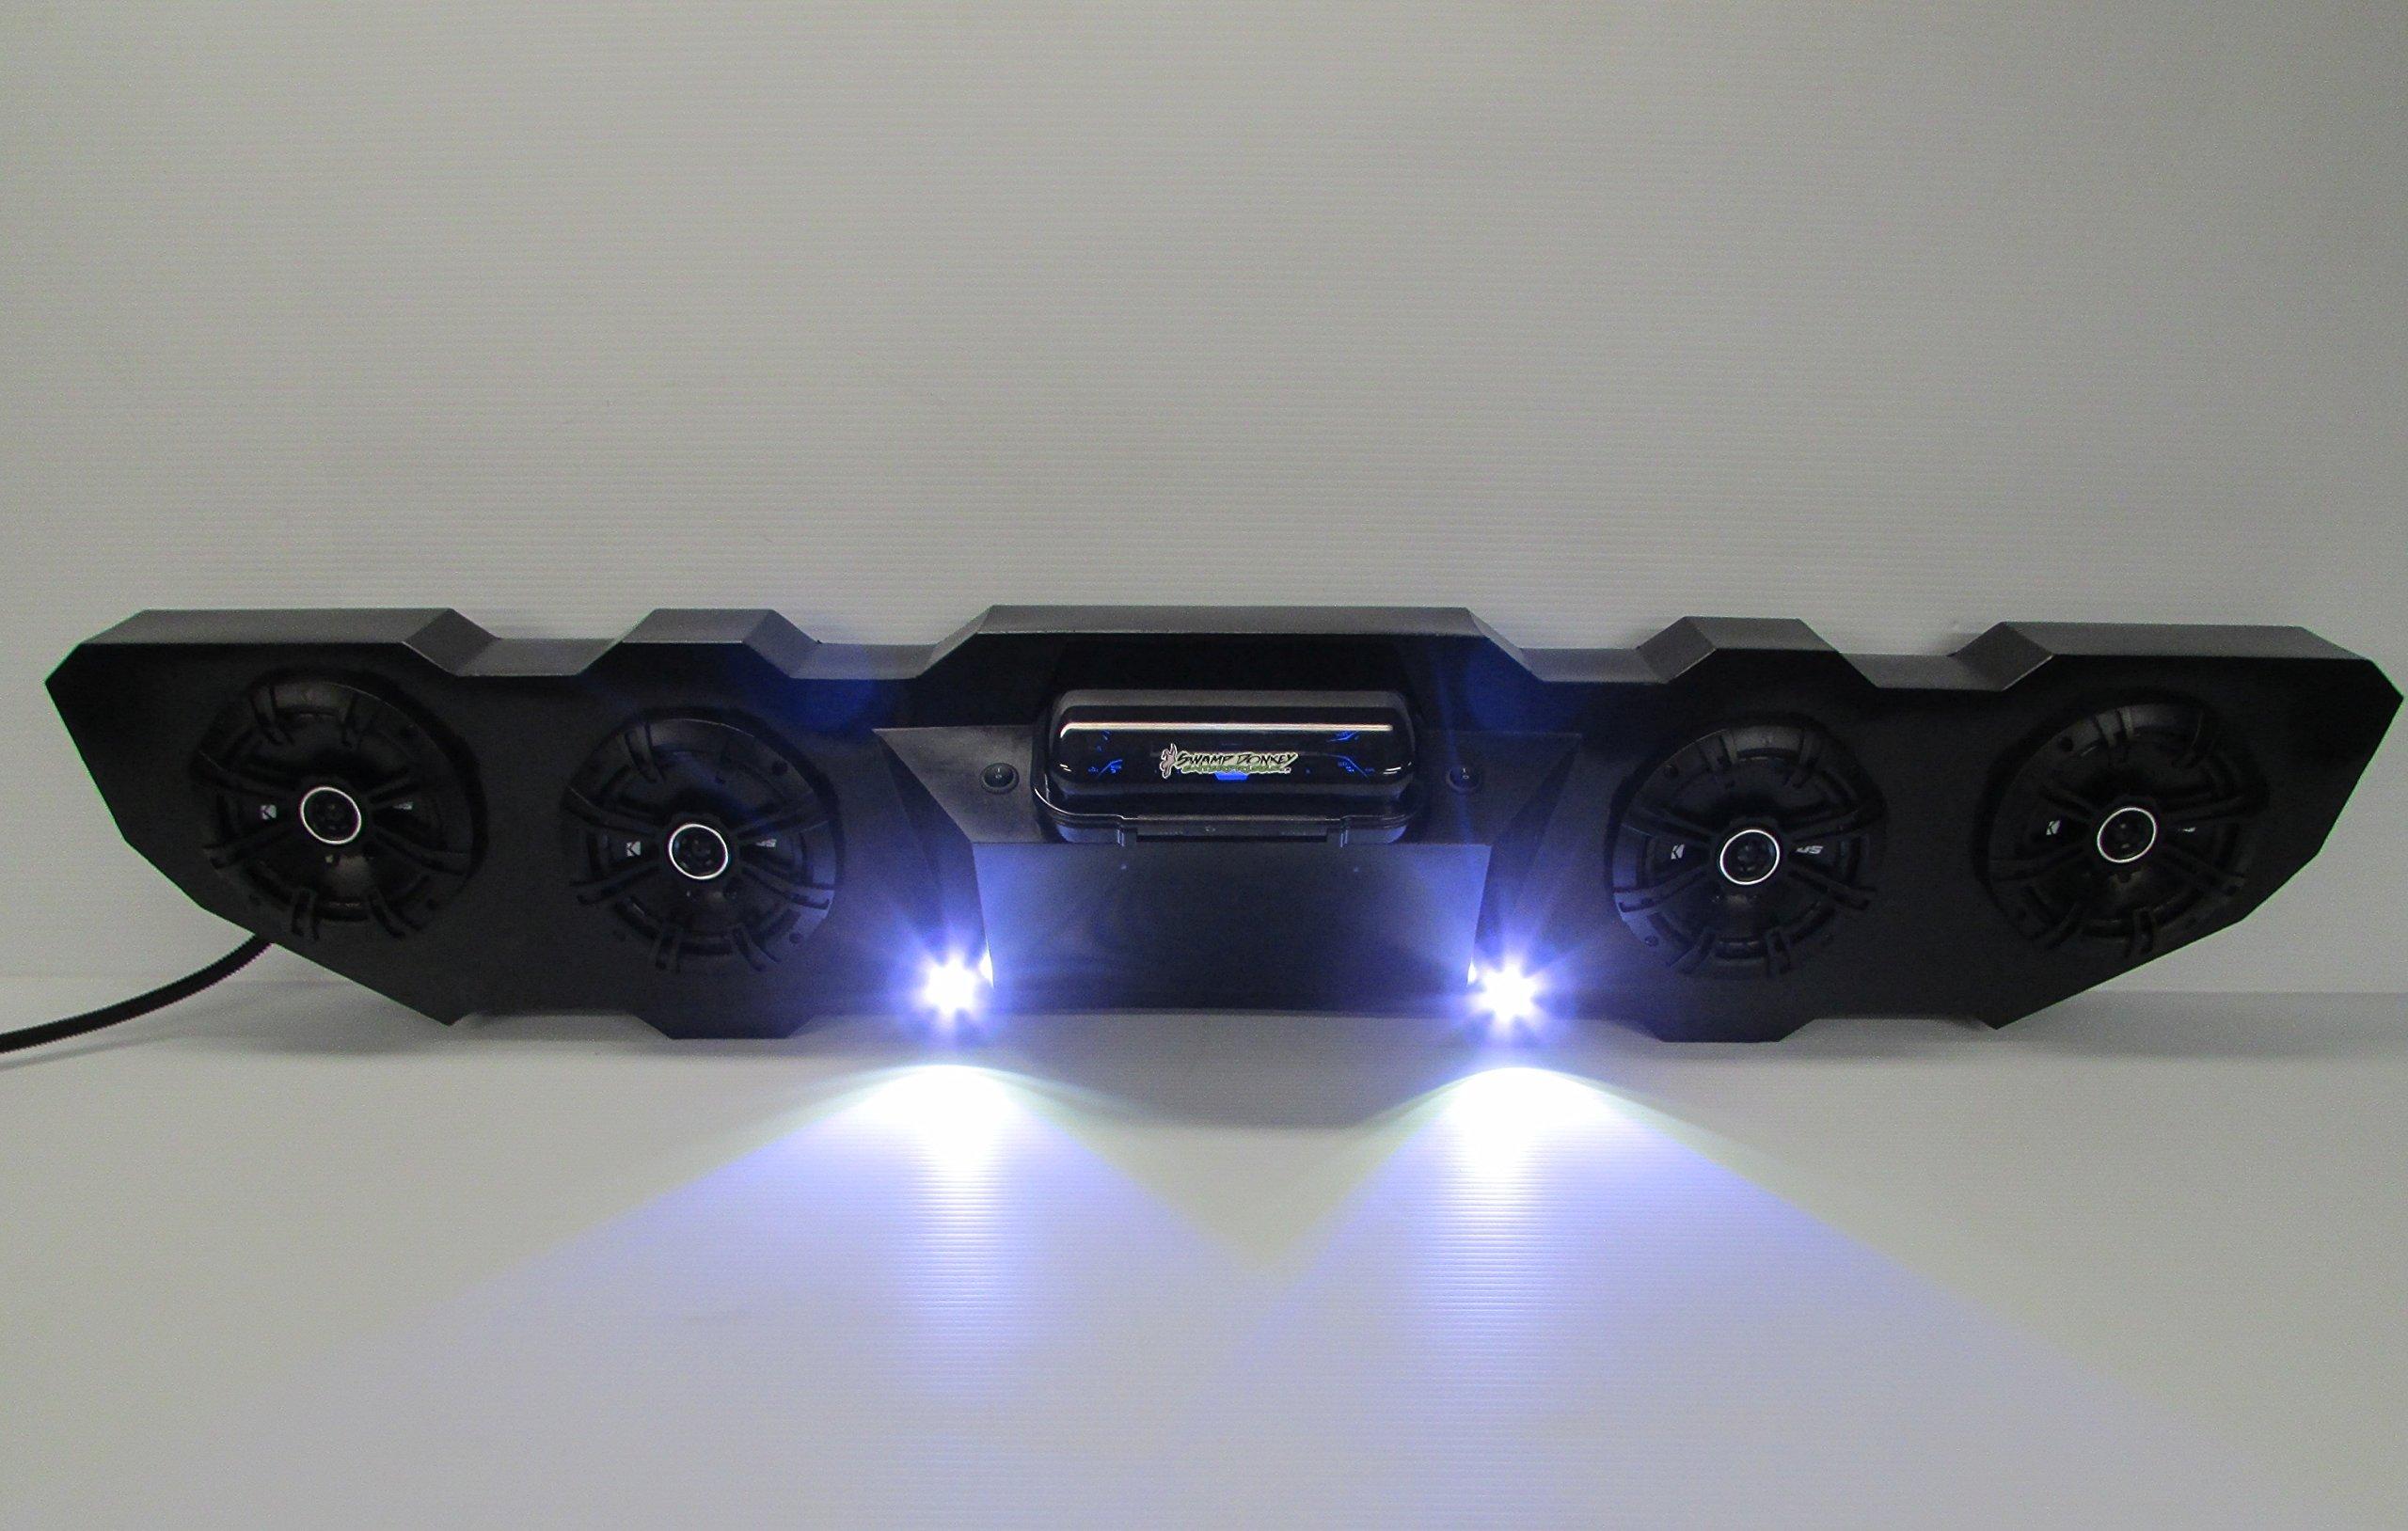 SD PIONEER1K -Honda Pioneer 1000 Radio Stereo System Bluetooth UTV Side by Side by Galena